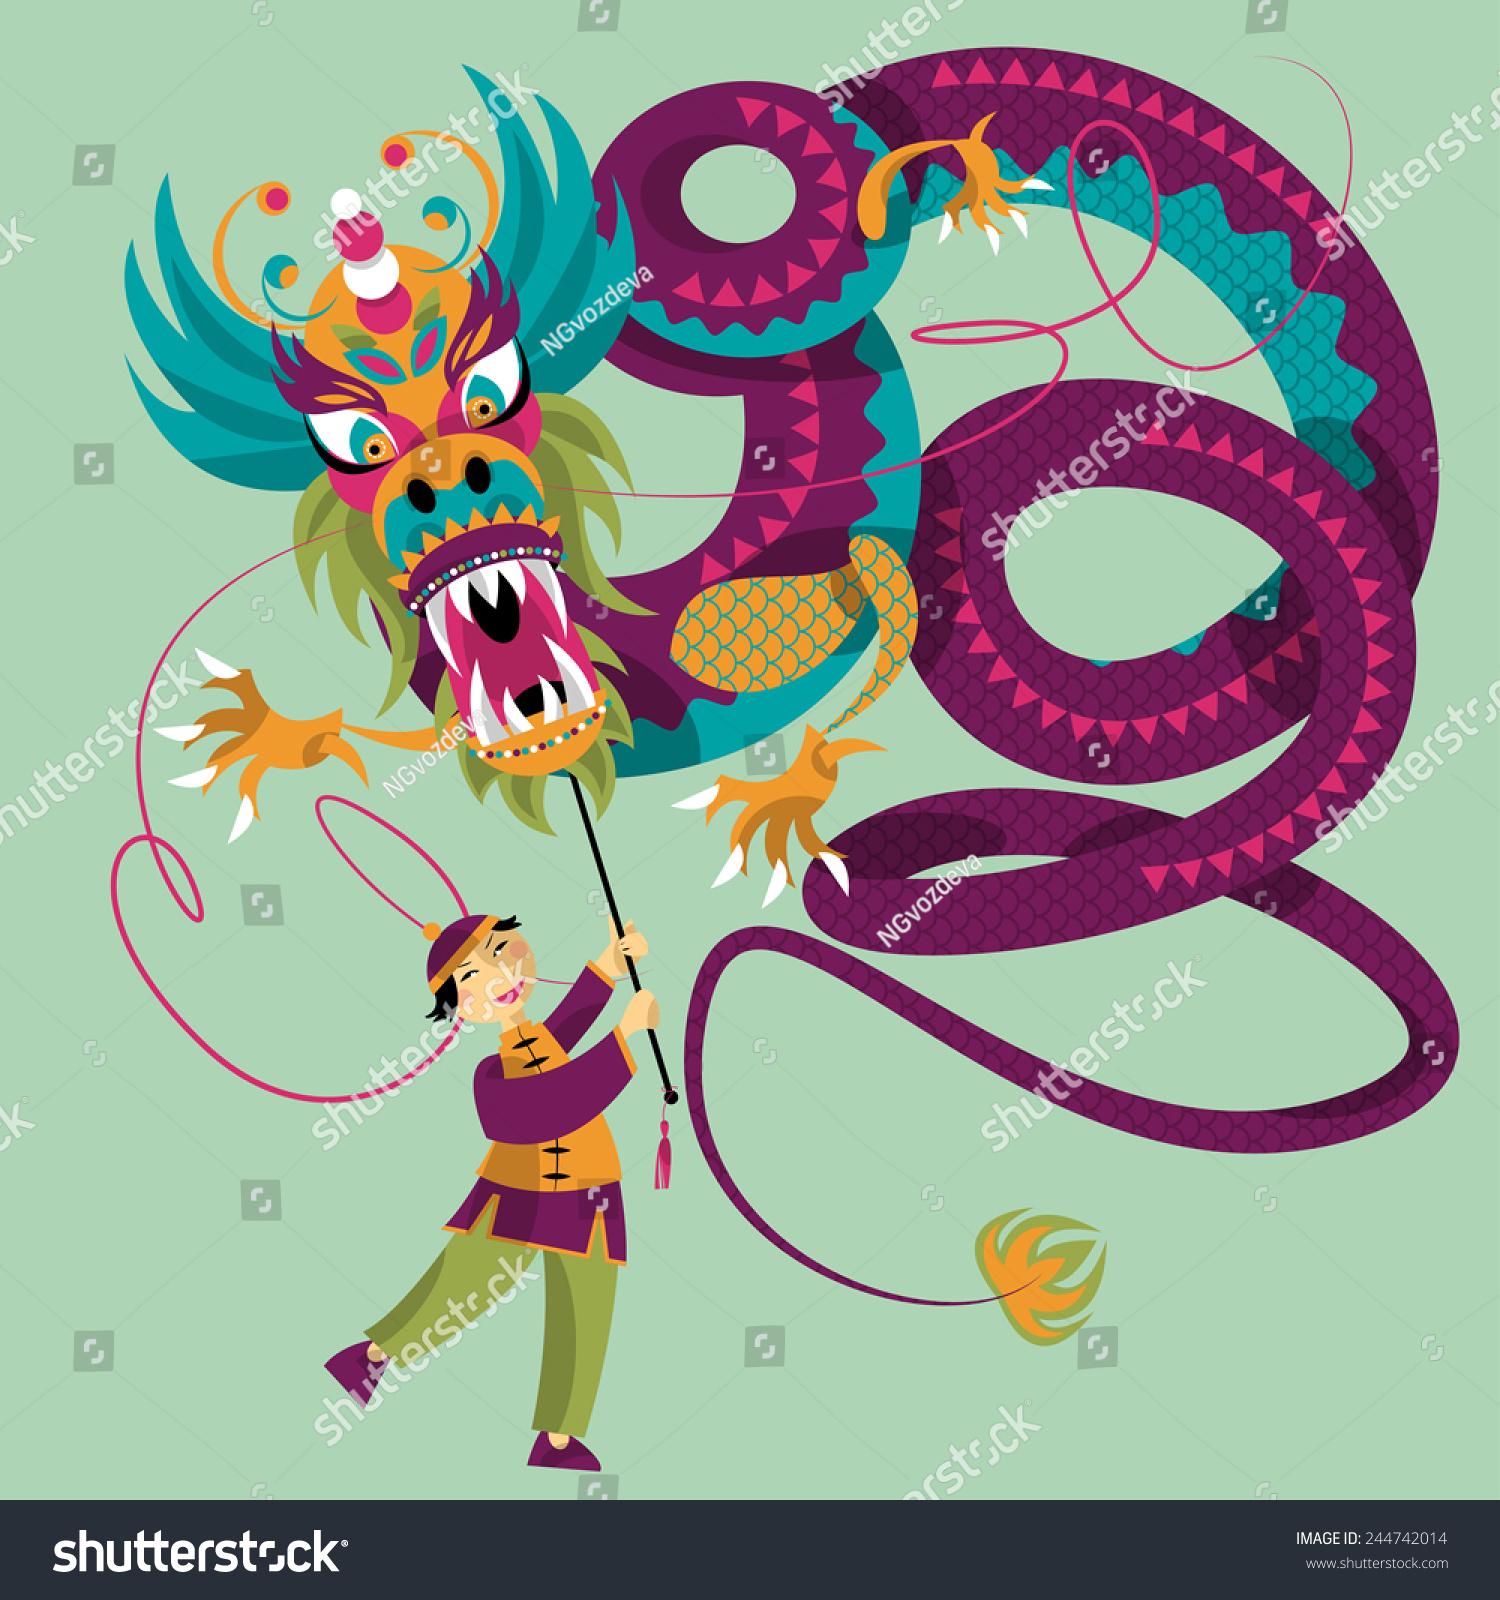 中国新年.舞龙.矢量图-动物/野生生物,人物-海洛创意